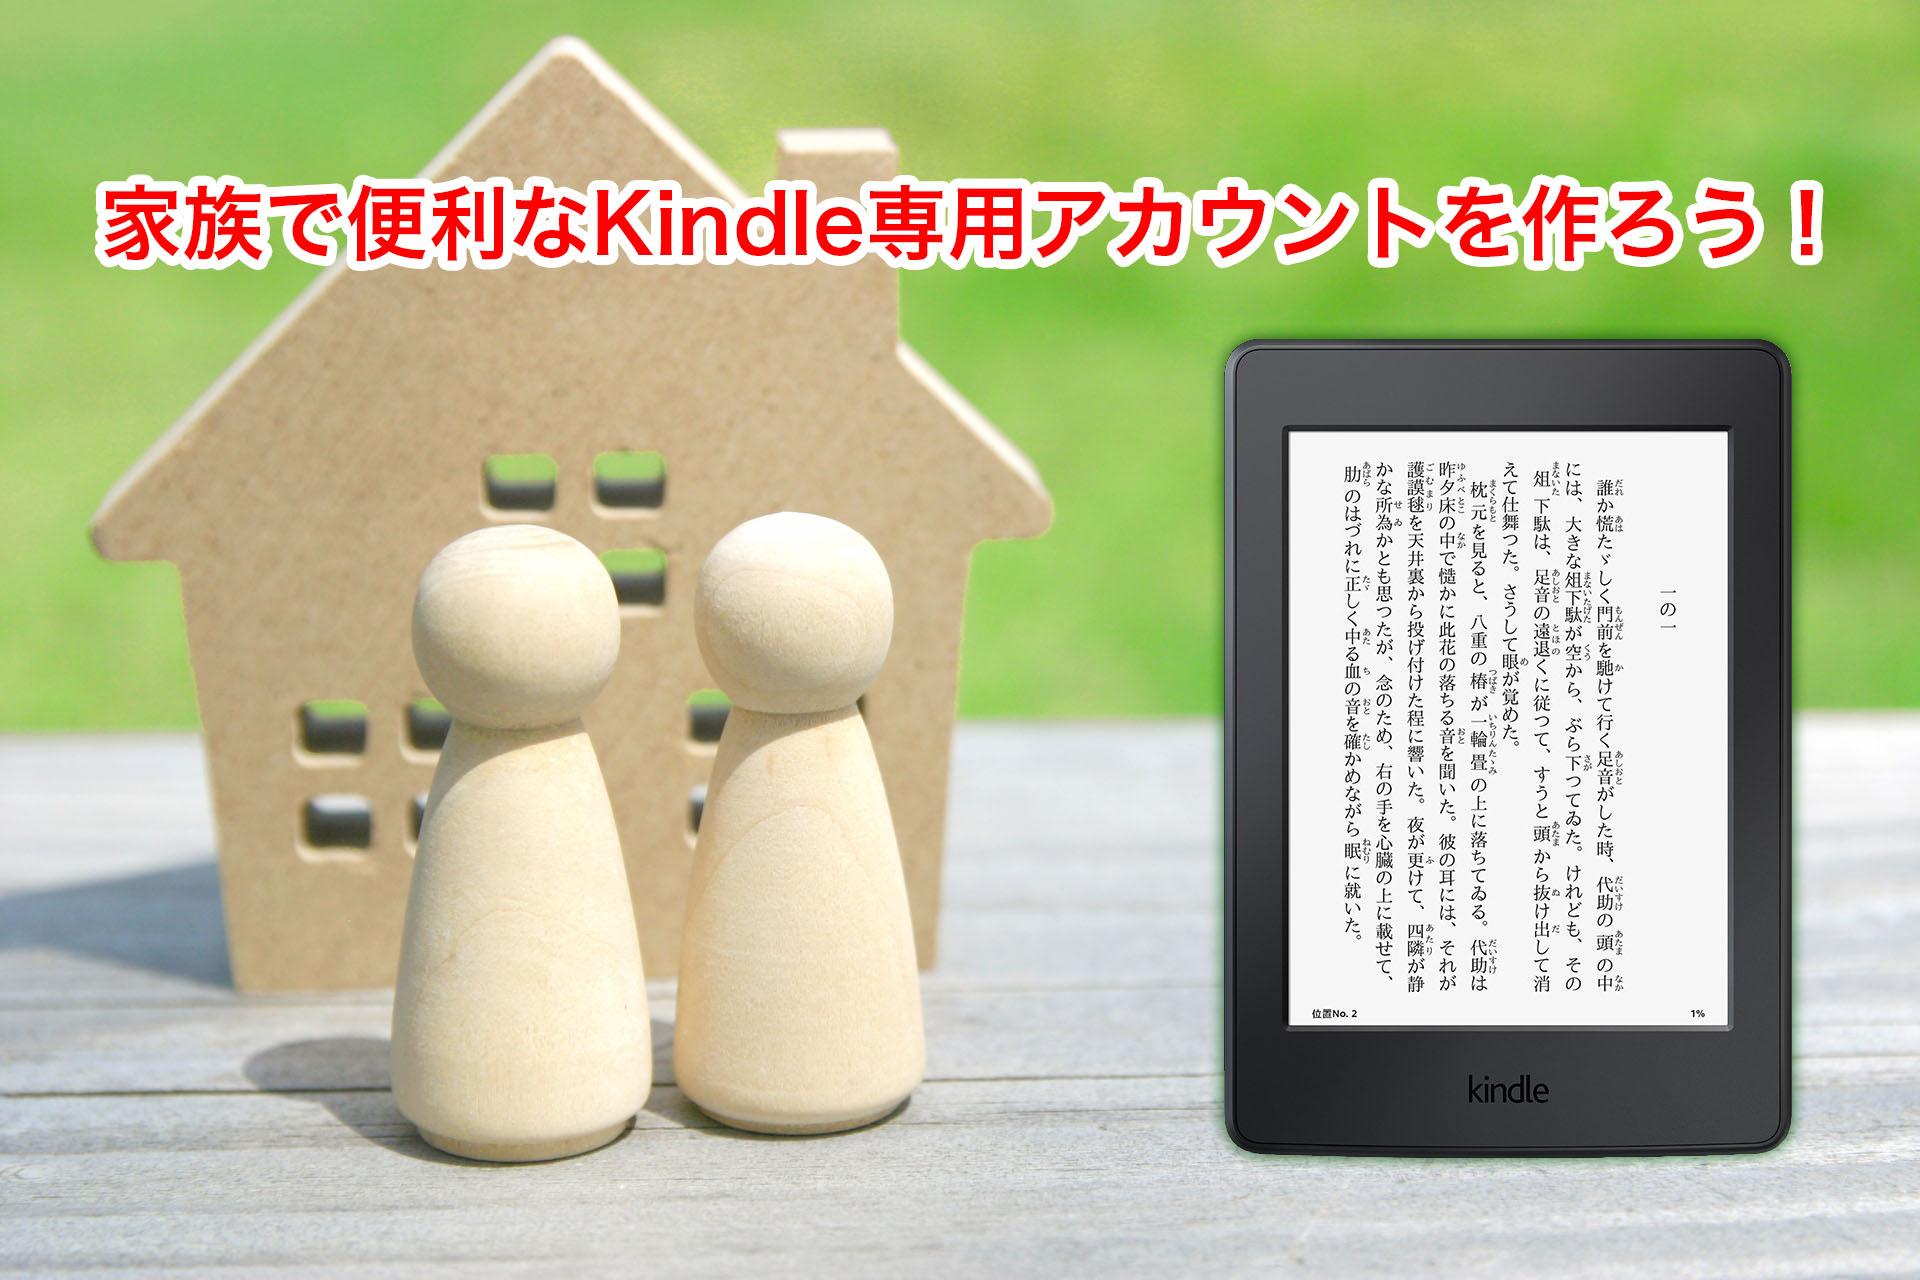 【家族で共有】Kindle専用アカウントを作ろう!